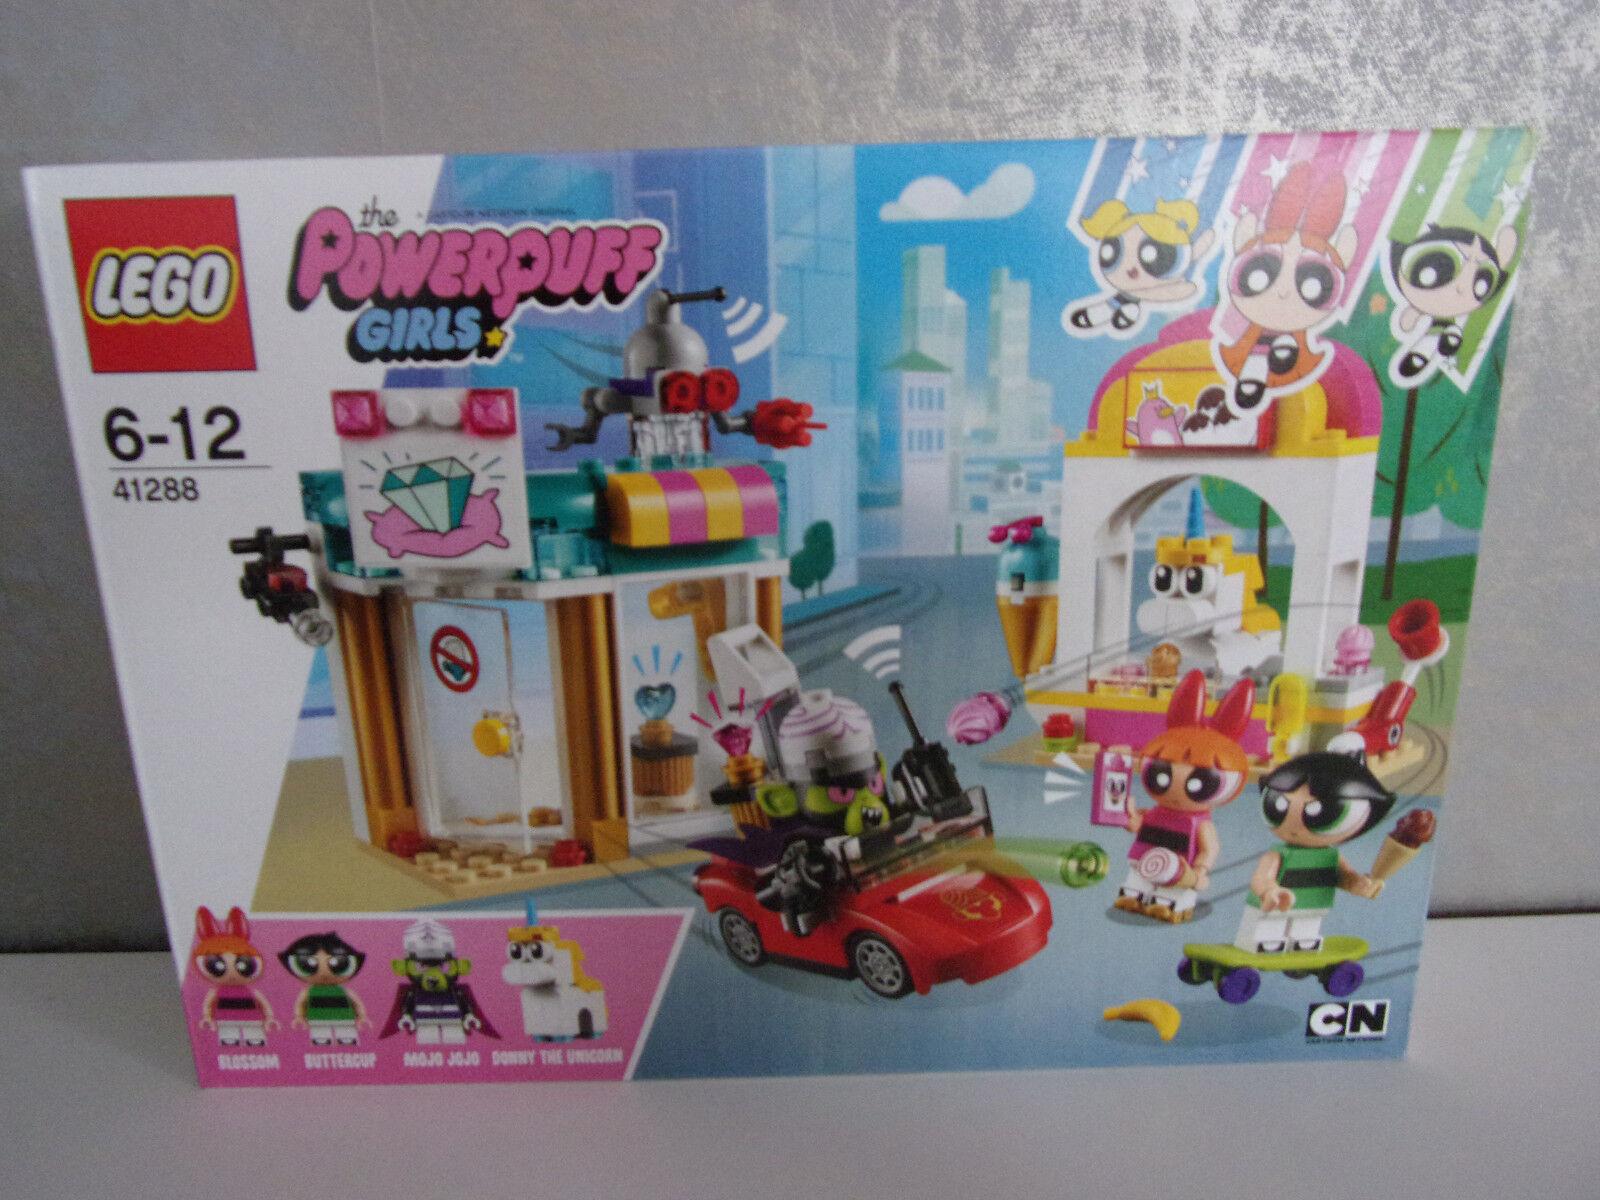 Lego Powerpuff Girls 41288 of Mojo Jojo -